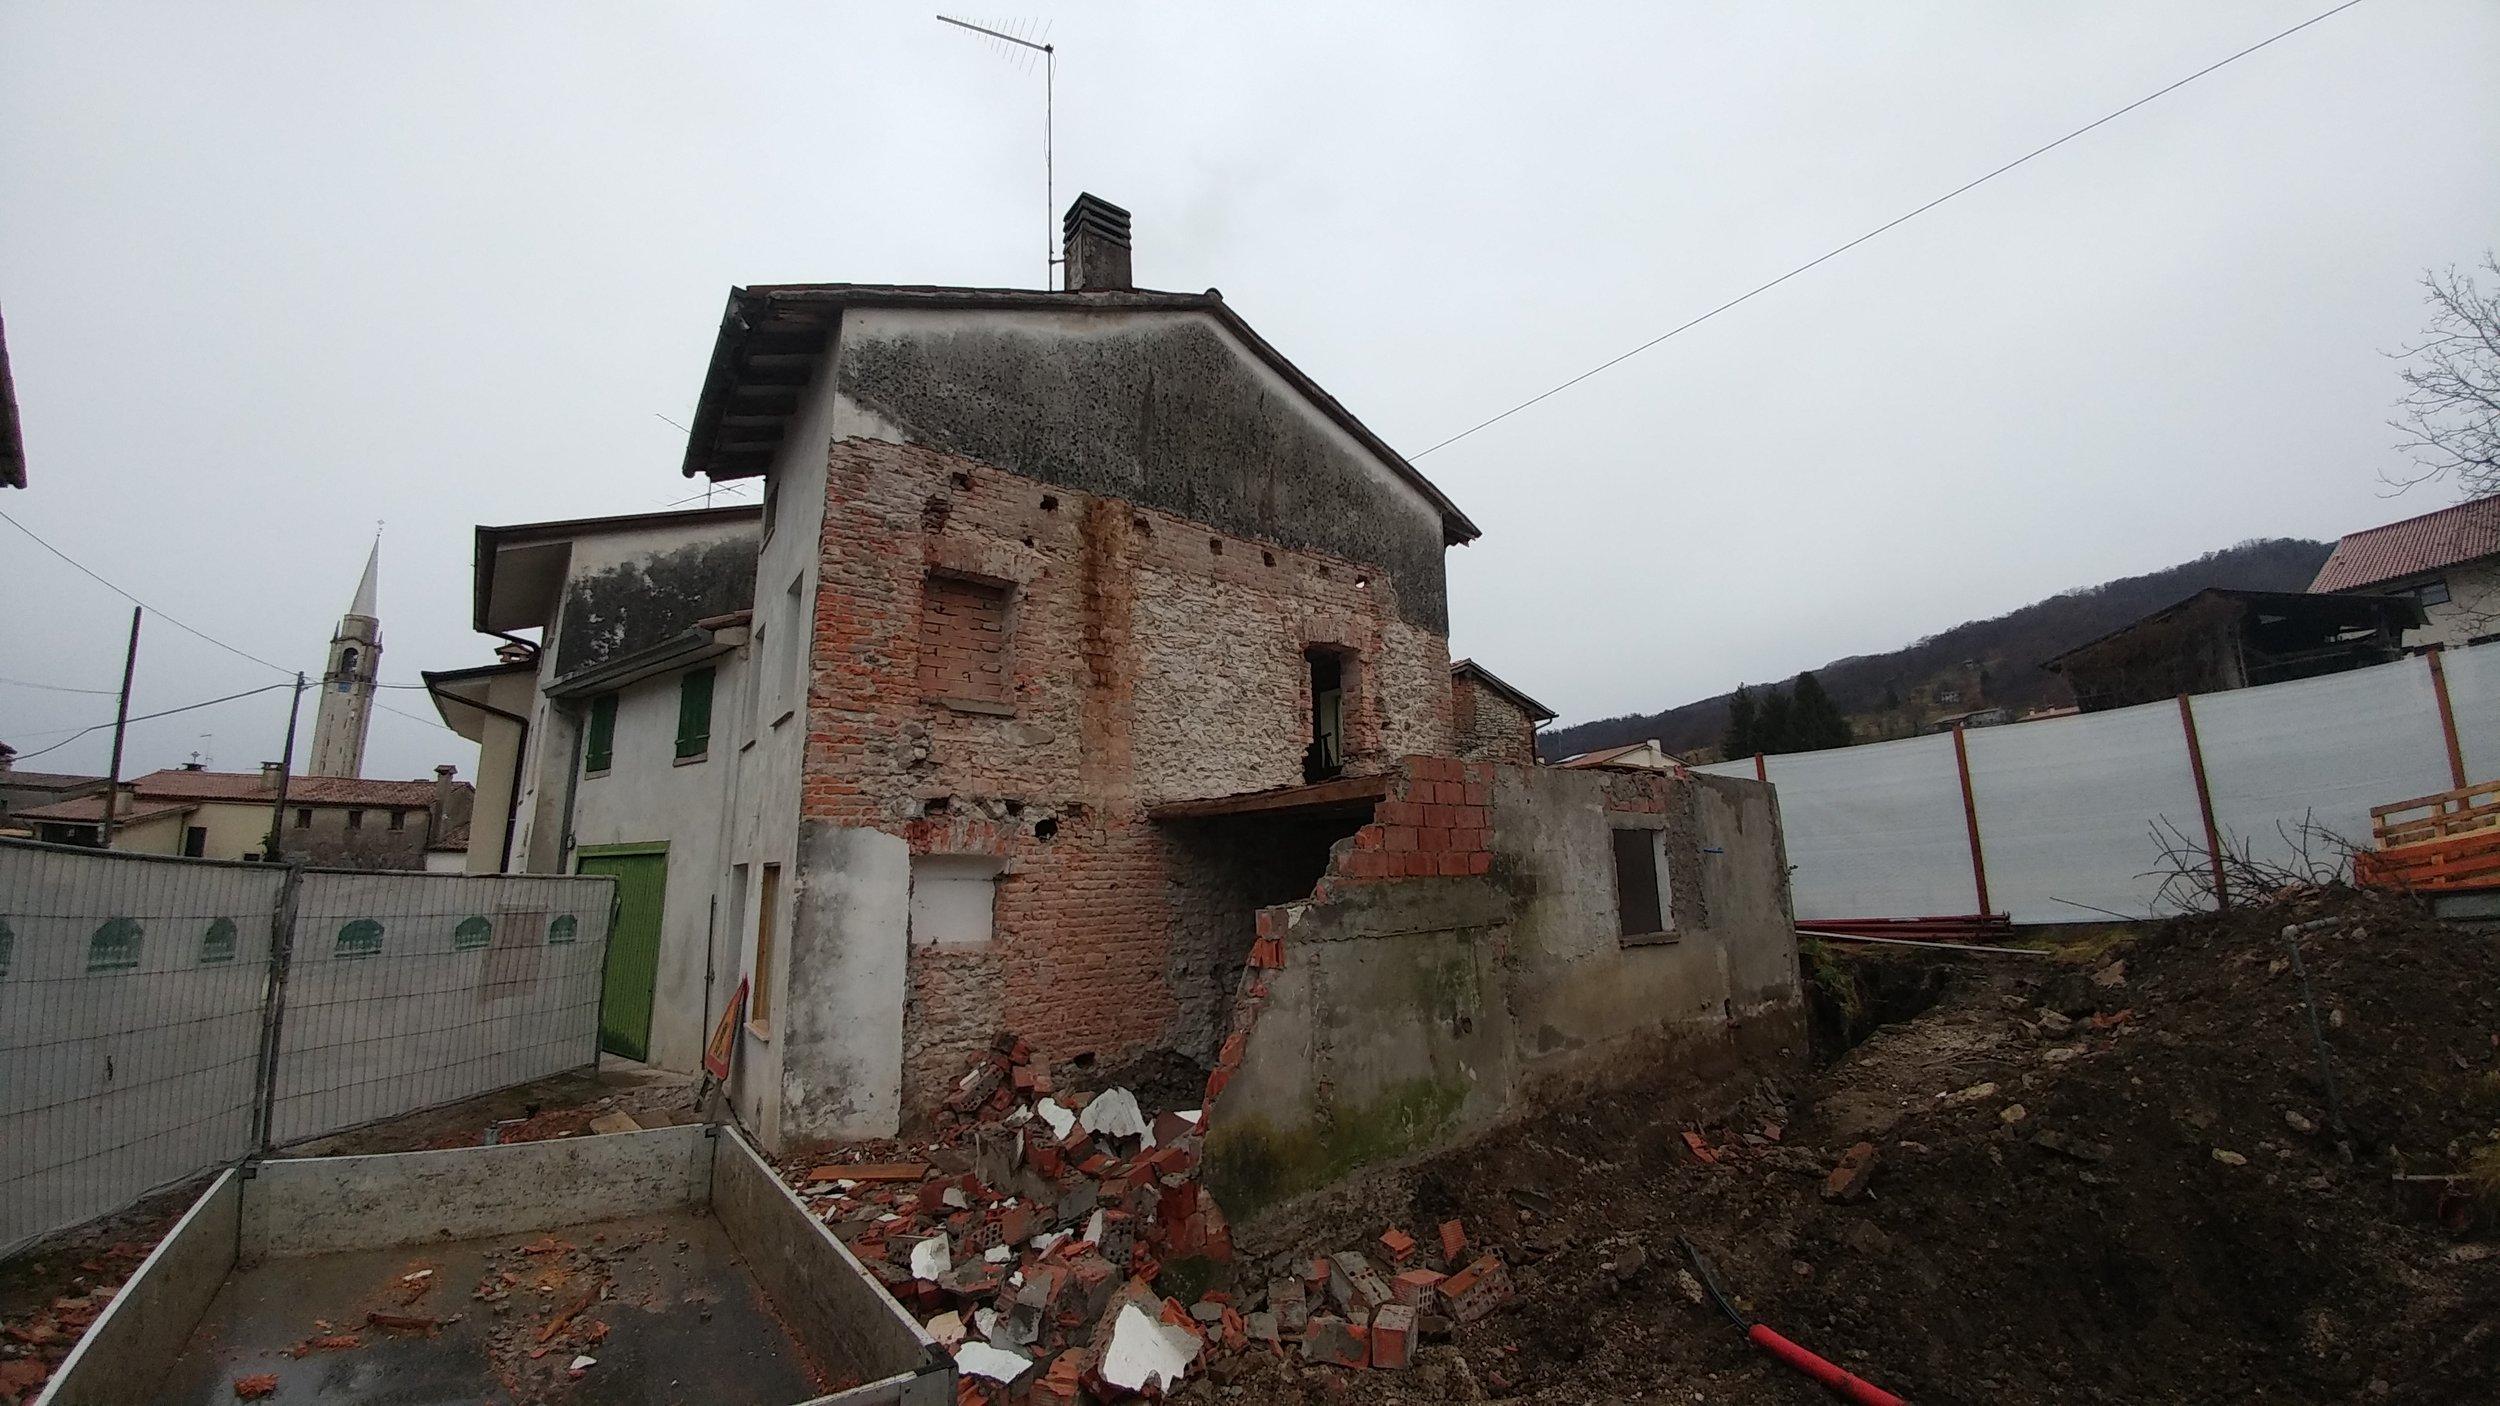 edifici-di-paglia-italia-comprare-un-rudere-conviene.jpg